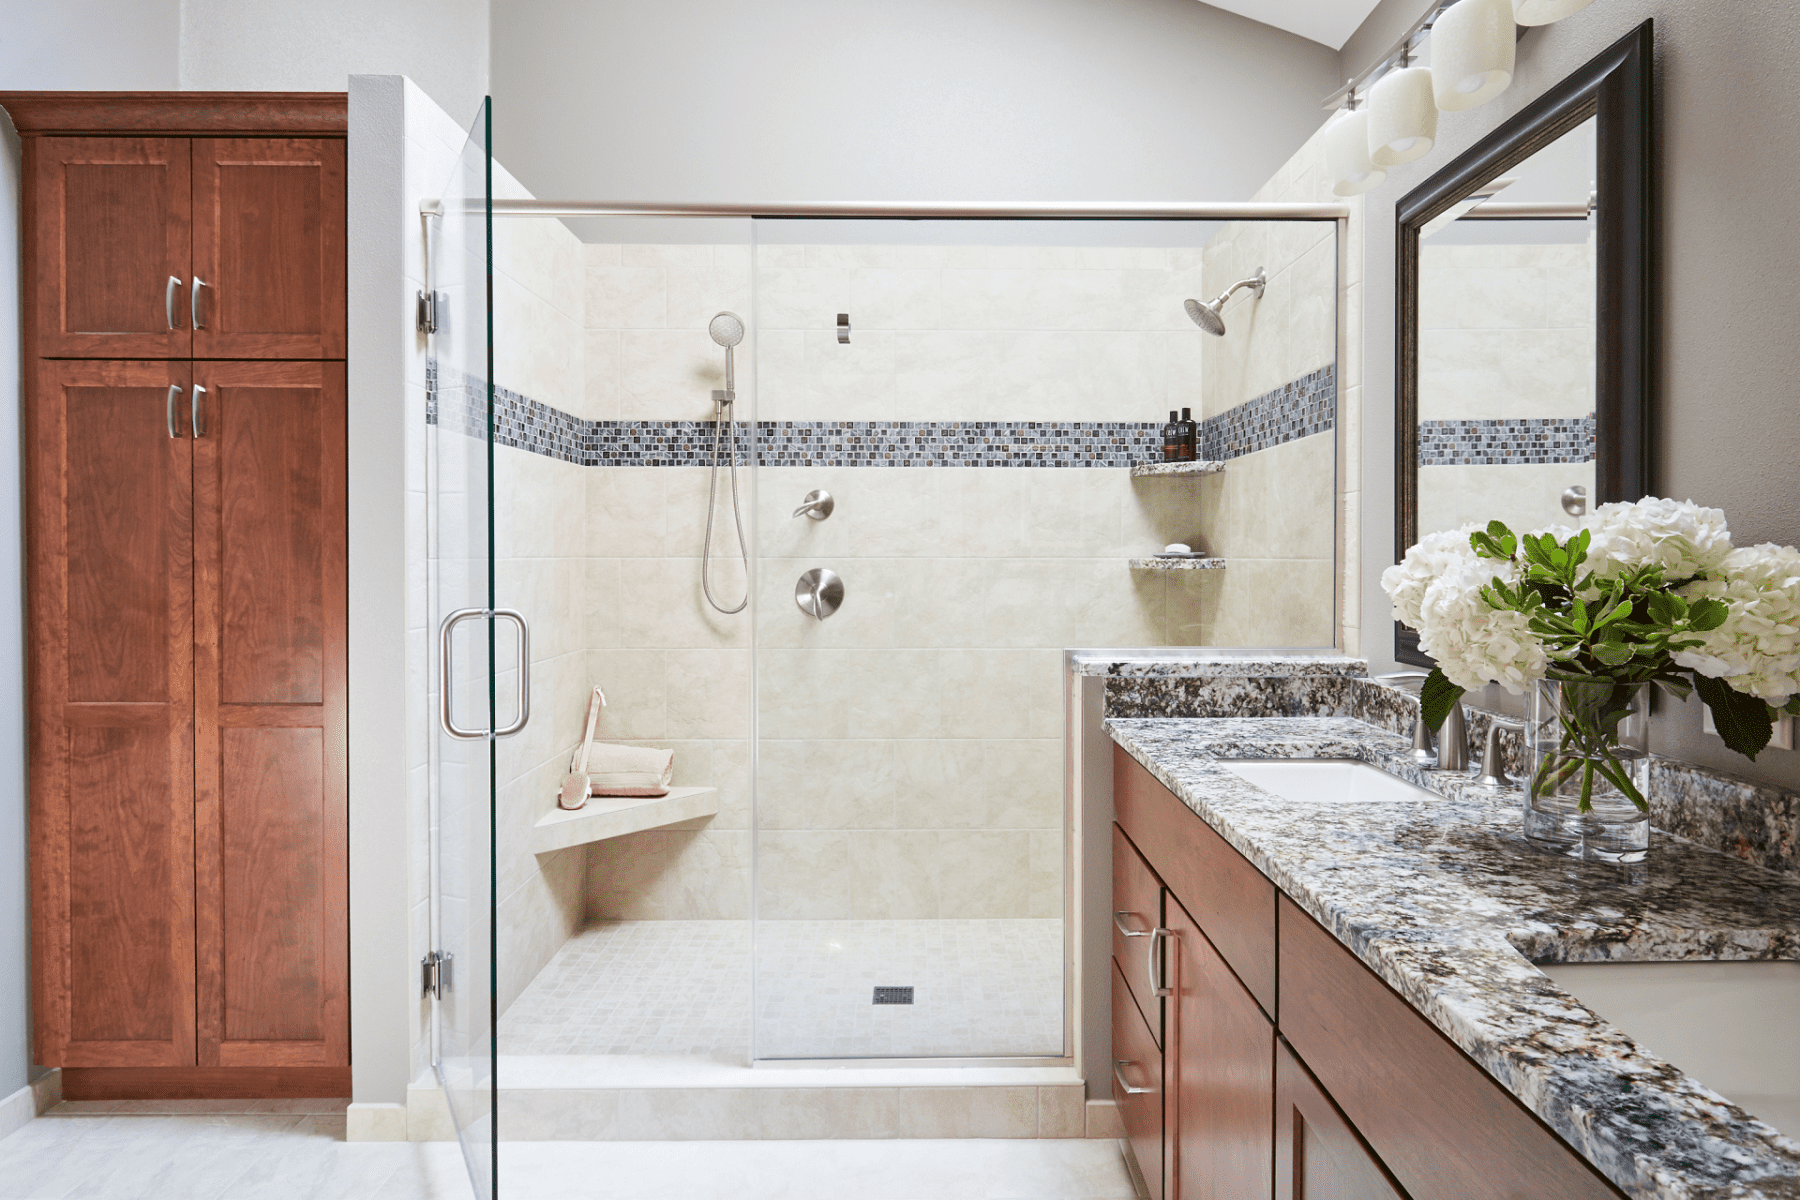 Saukville-Updated-Master-Bathroom-after-1